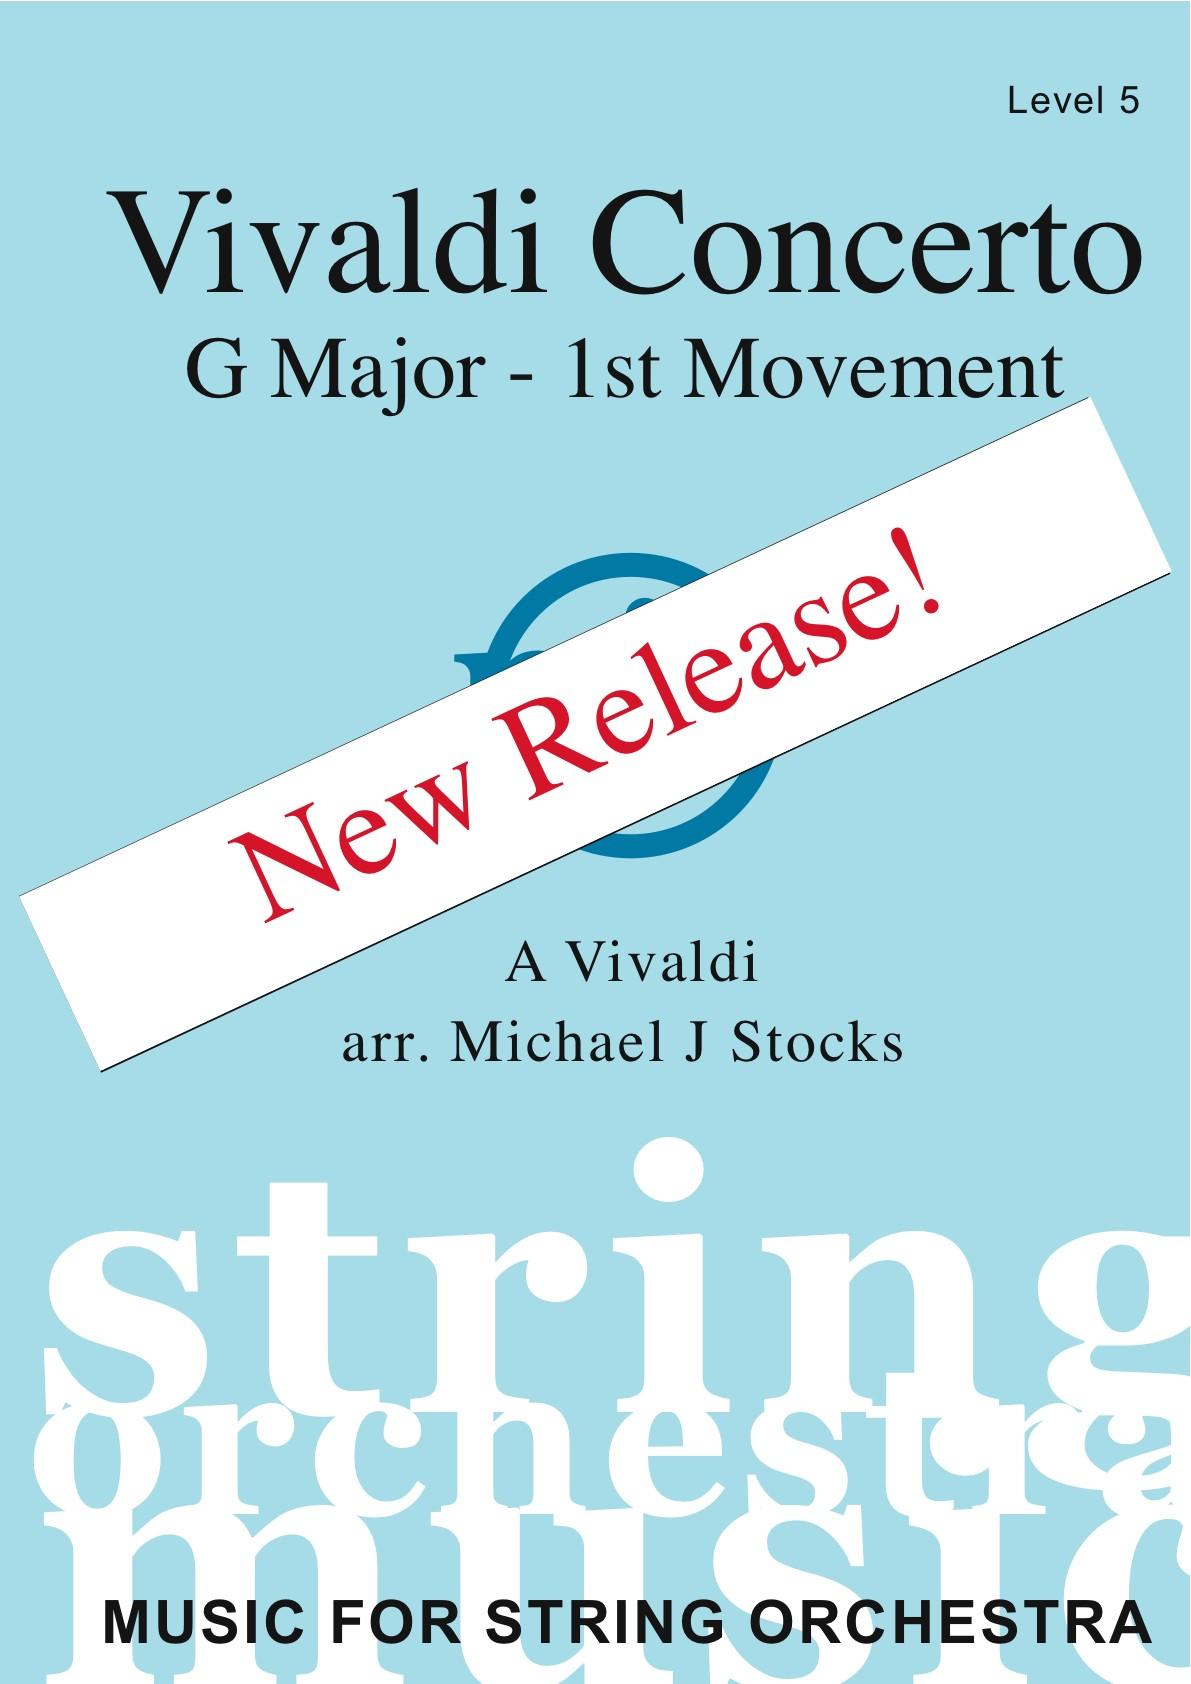 Vivaldi Concerto in G Major - 1st Mvt. (level 5)